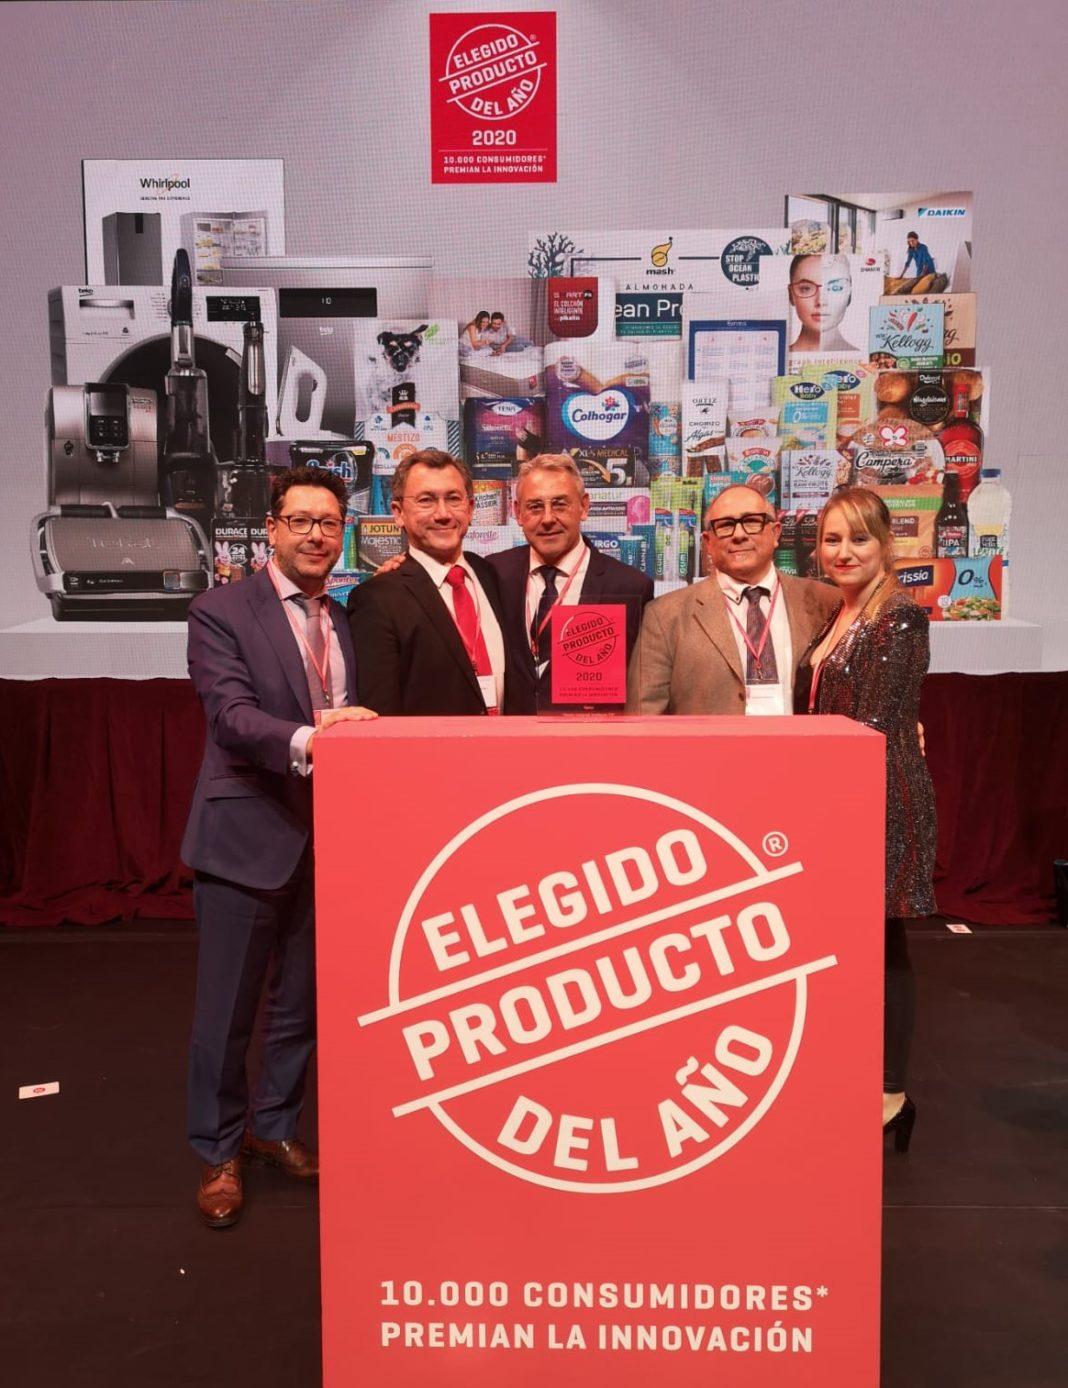 El equipo Shamir España producto del año